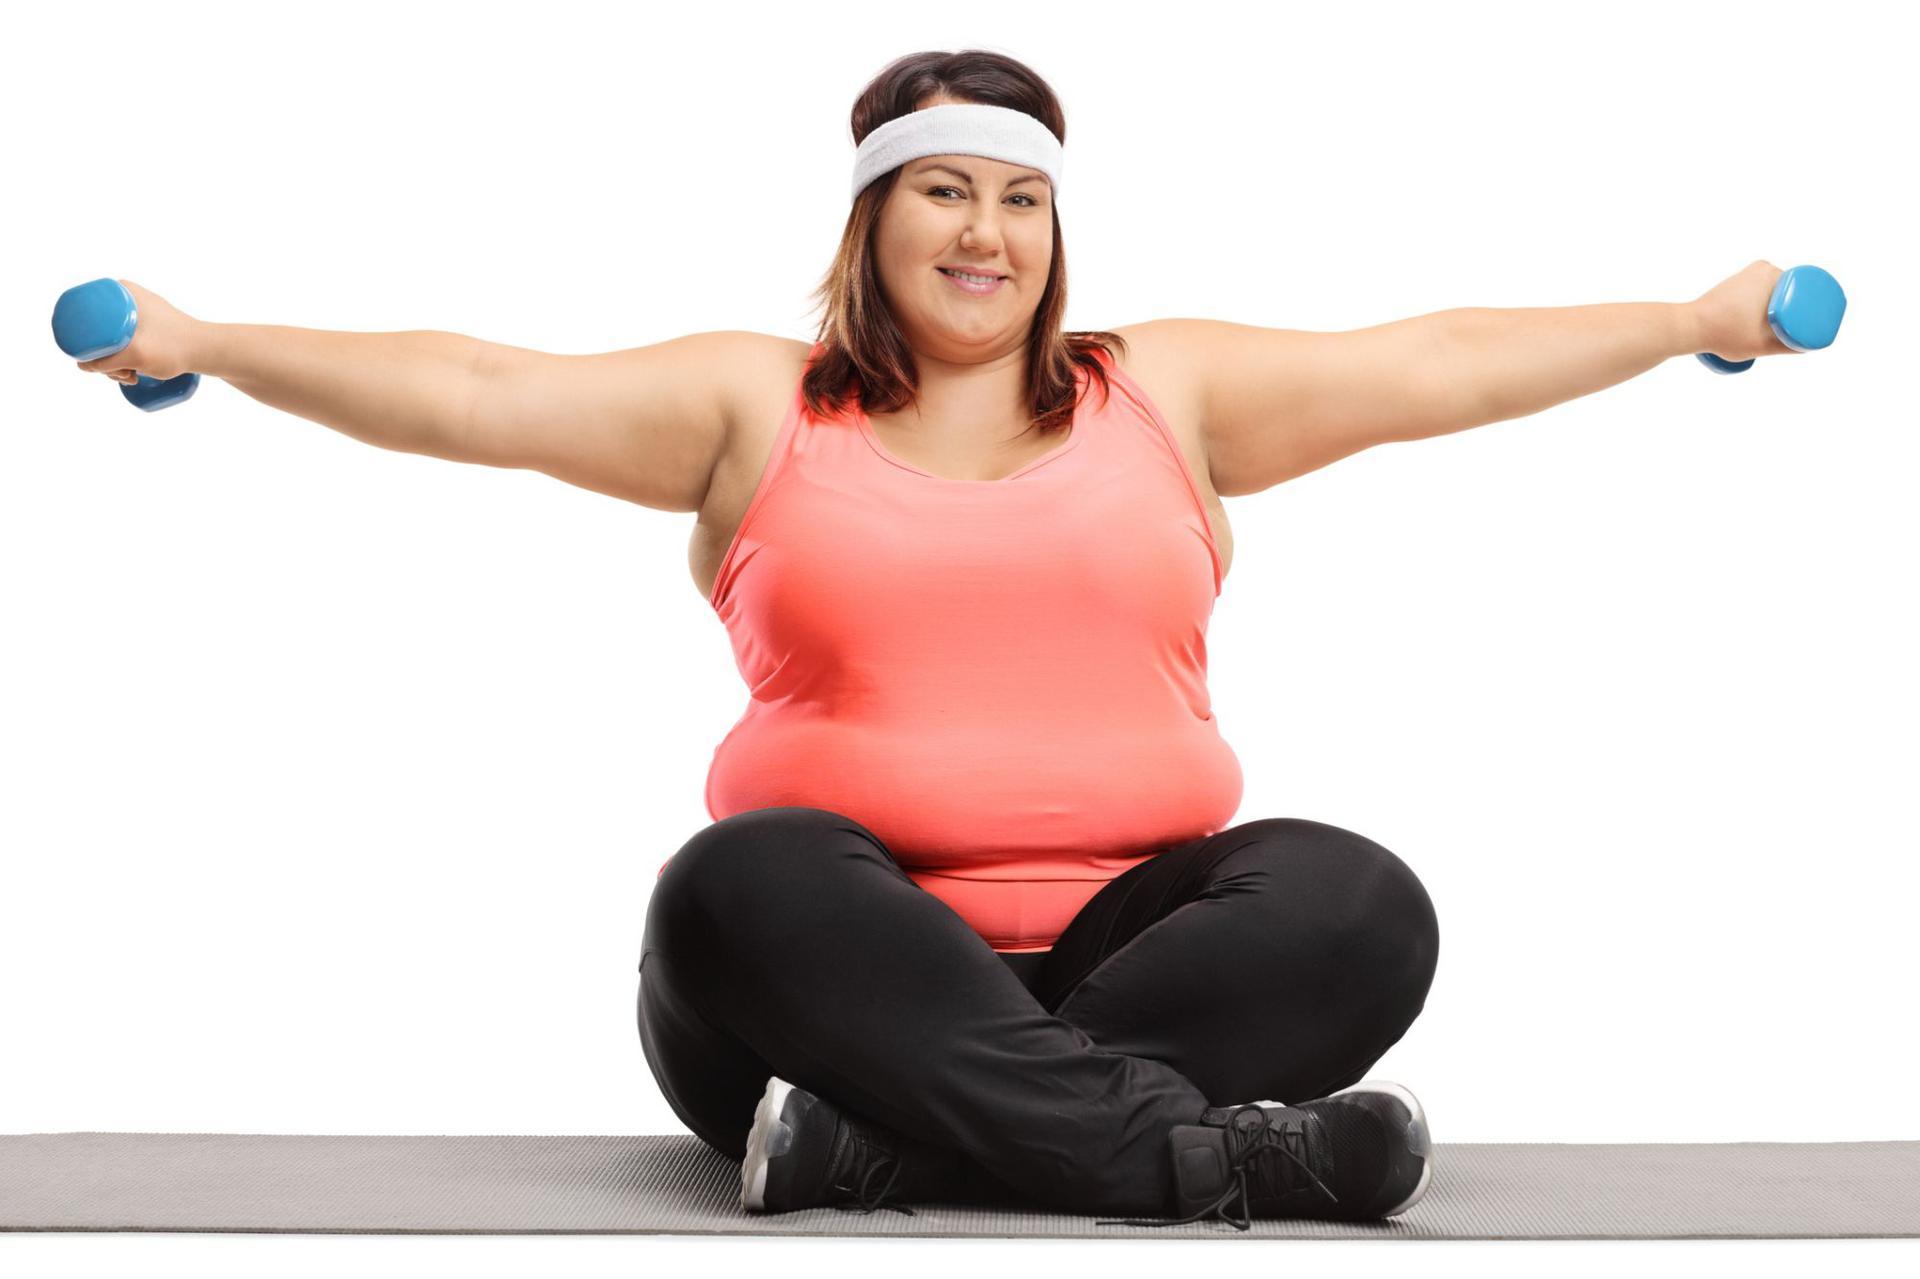 ćwiczenia odchudzające dla mężczyzn | Diety i odchudzanie